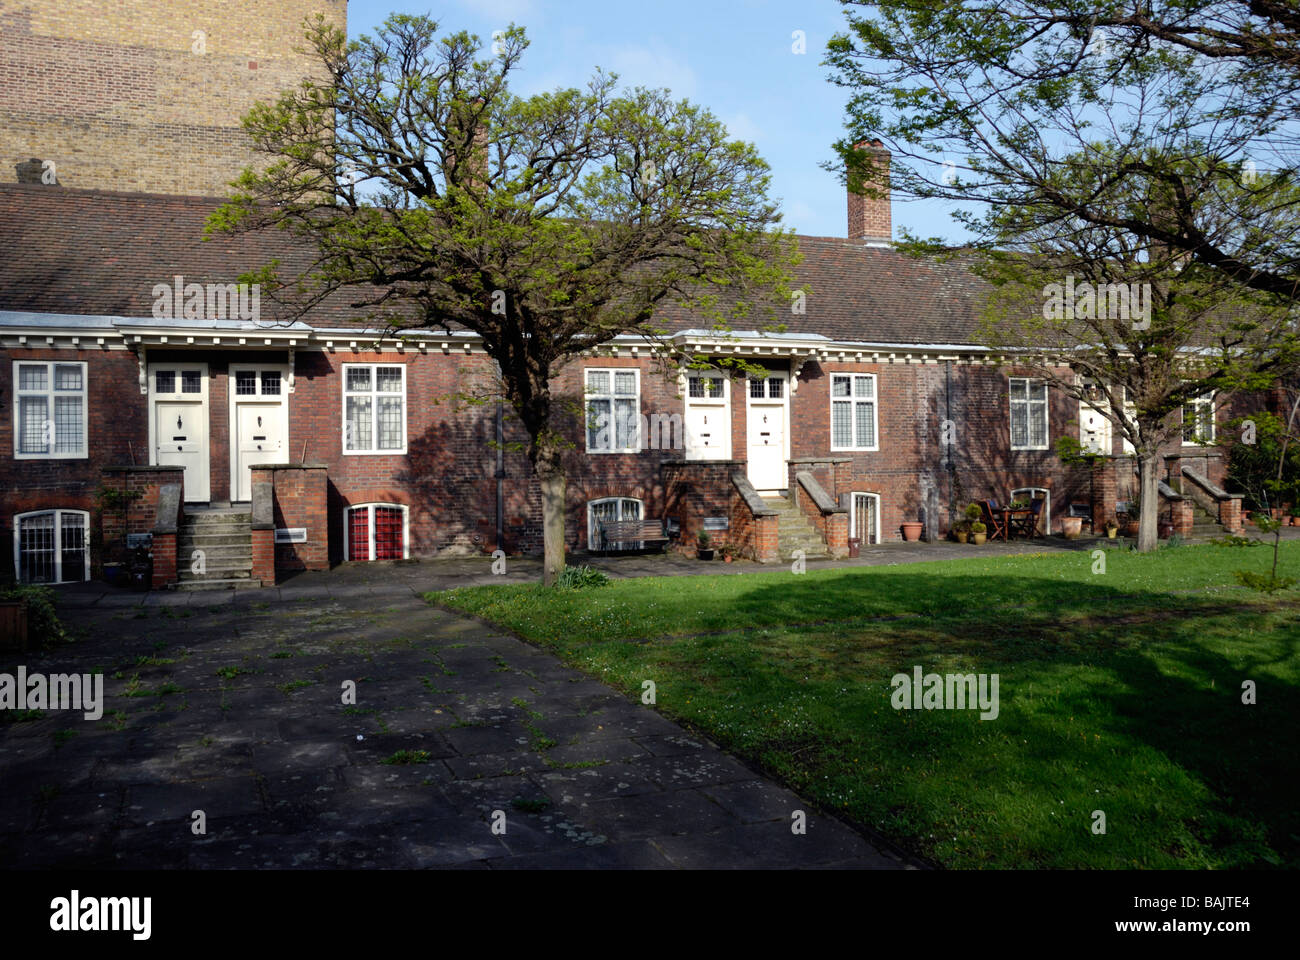 Listado como grado 1 en 27 Almshouses Trinity Green Mile End Road de Londres Whitechapel Foto de stock